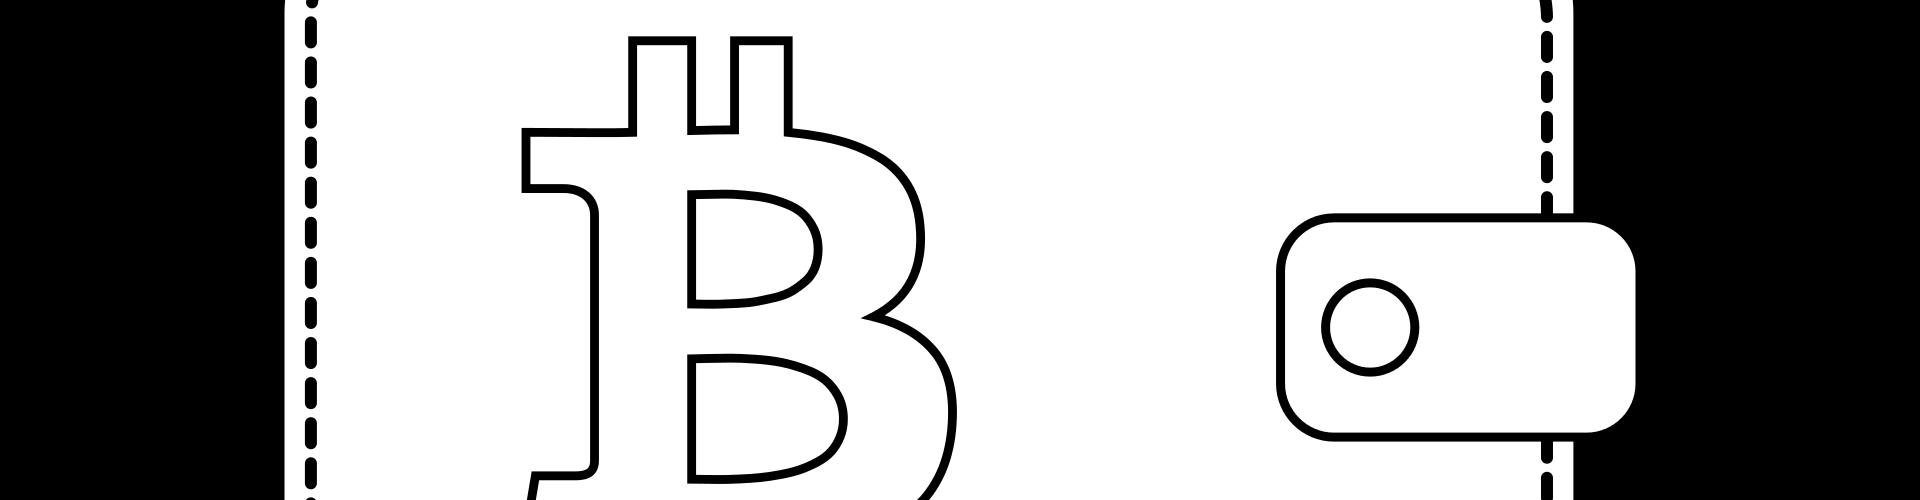 """Что такое криптовалюта? Что такое """"биткоин""""? Это не одно и тоже? Мда... А ведь в наше время можно на каждом шагу слышать данный термин."""